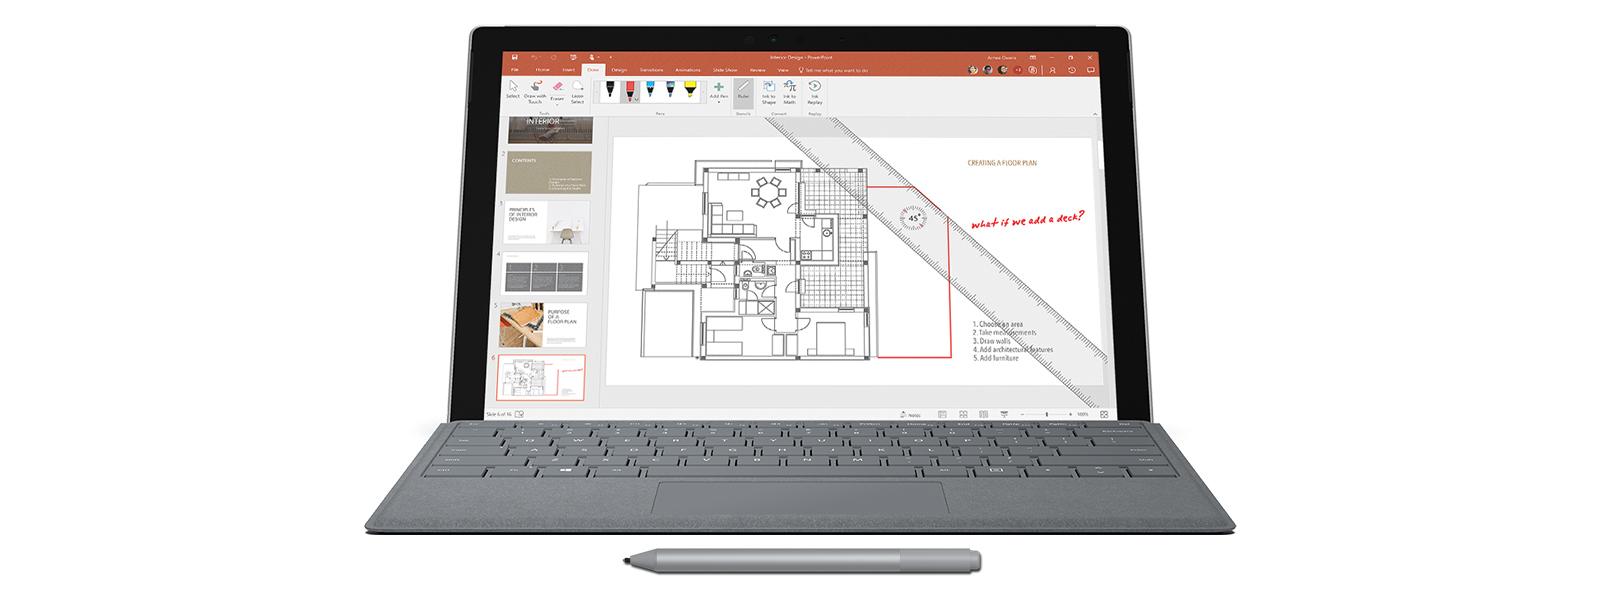 Zrzut ekranu prezentujący plan piętra budynku wraz z linijką ekranową oraz notatkami wykonanymi za pomocą pióra Surface